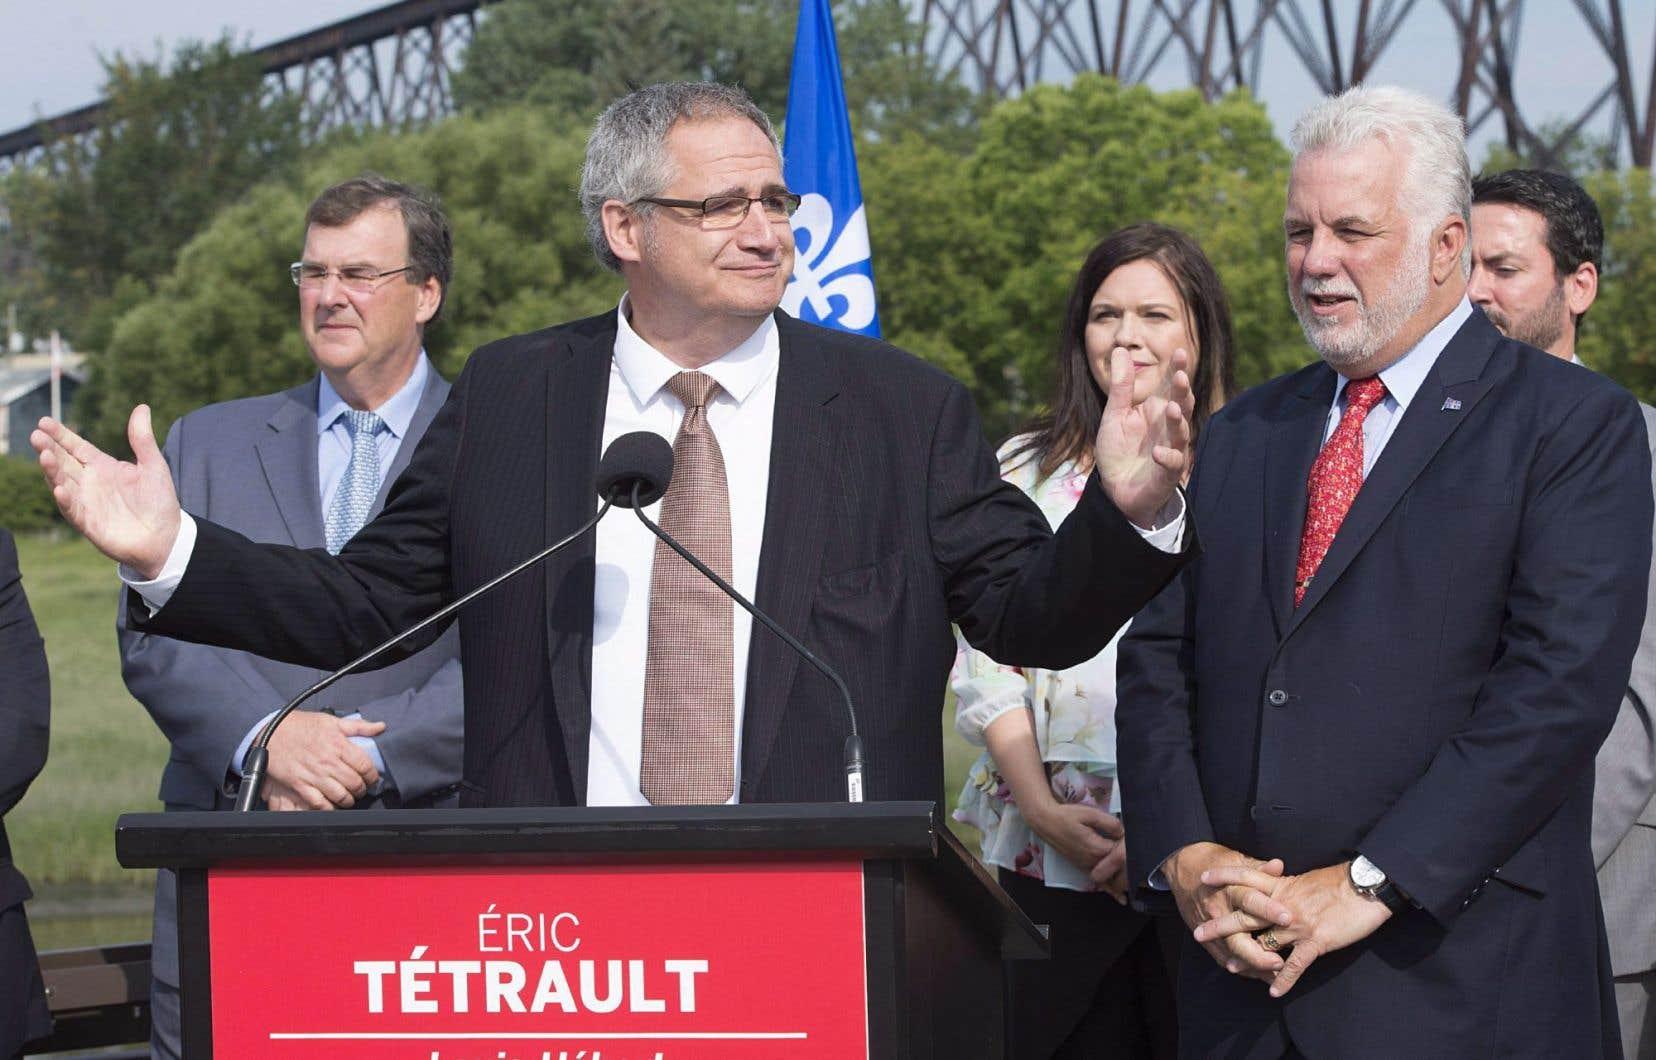 Éric Tétrault a lancé mardi sa campagne électorale dans la circonscription de Louis-Hébert, entouré du premier ministre Philippe Couillard et de plusieurs ministres libéraux.